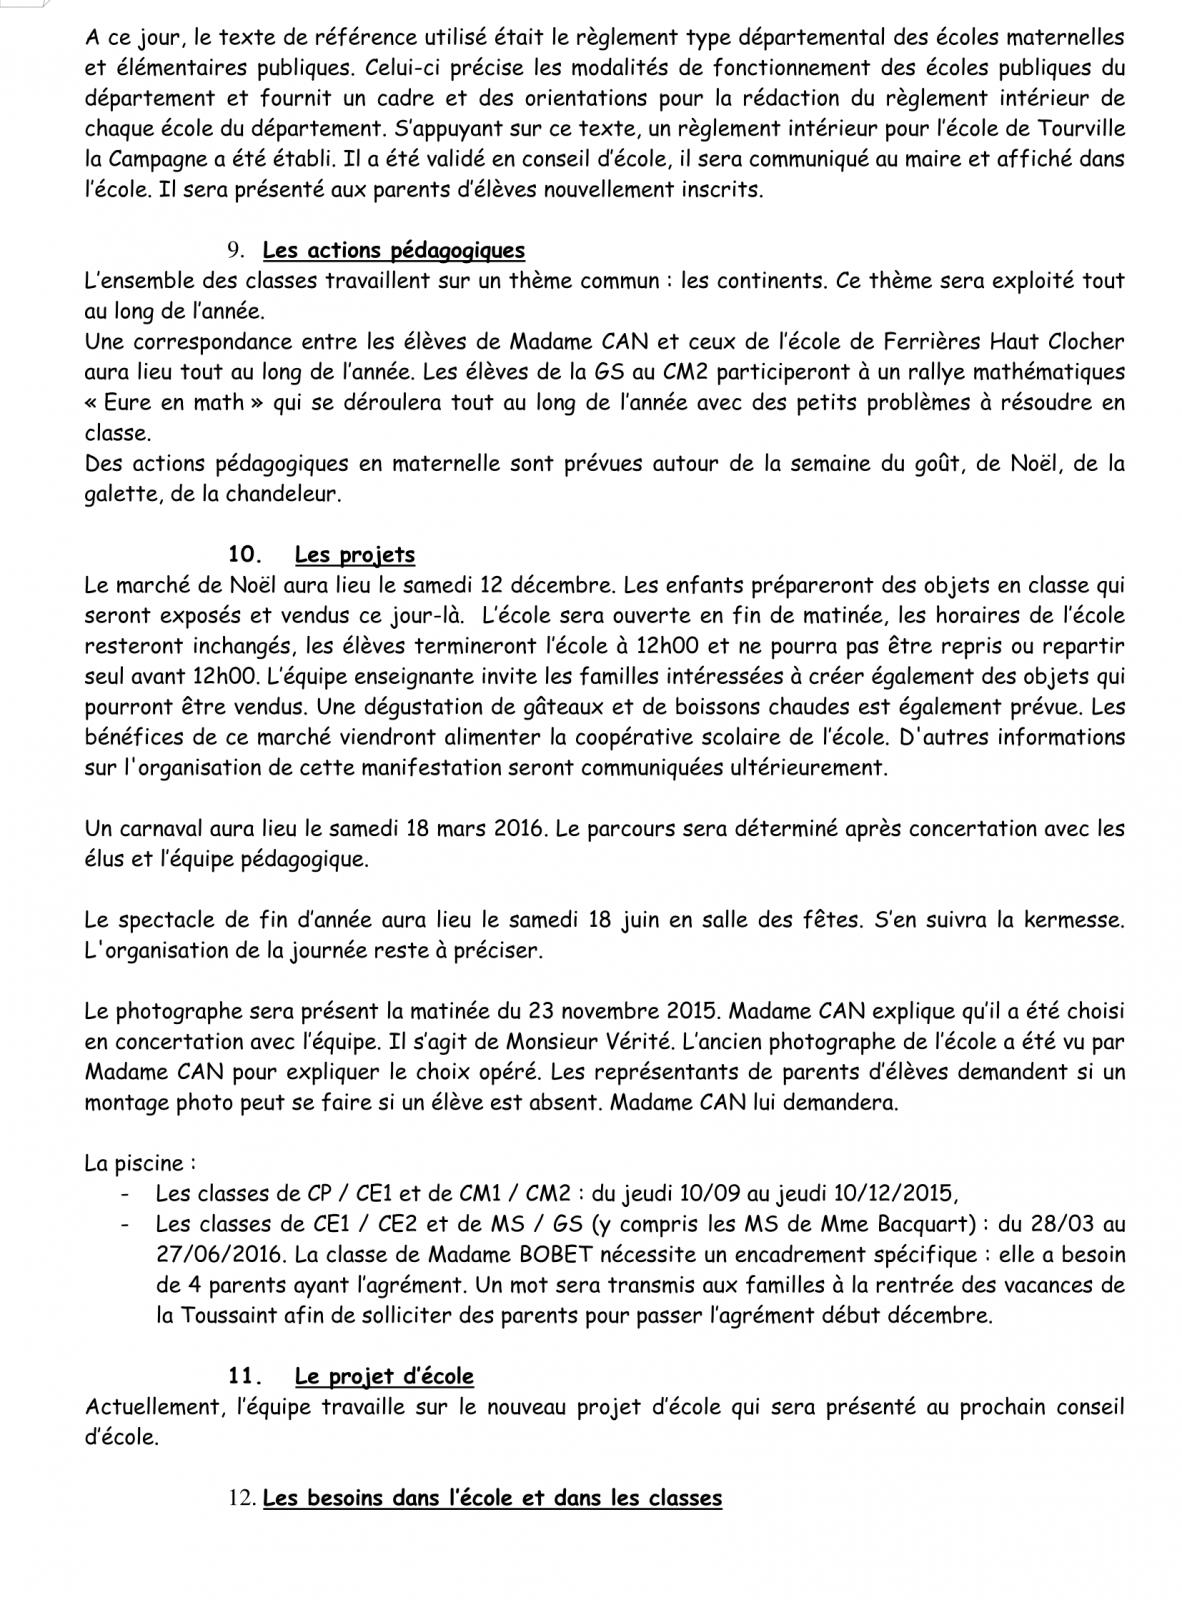 PV Conseil d'école 16 Novembre 2015 Page 6